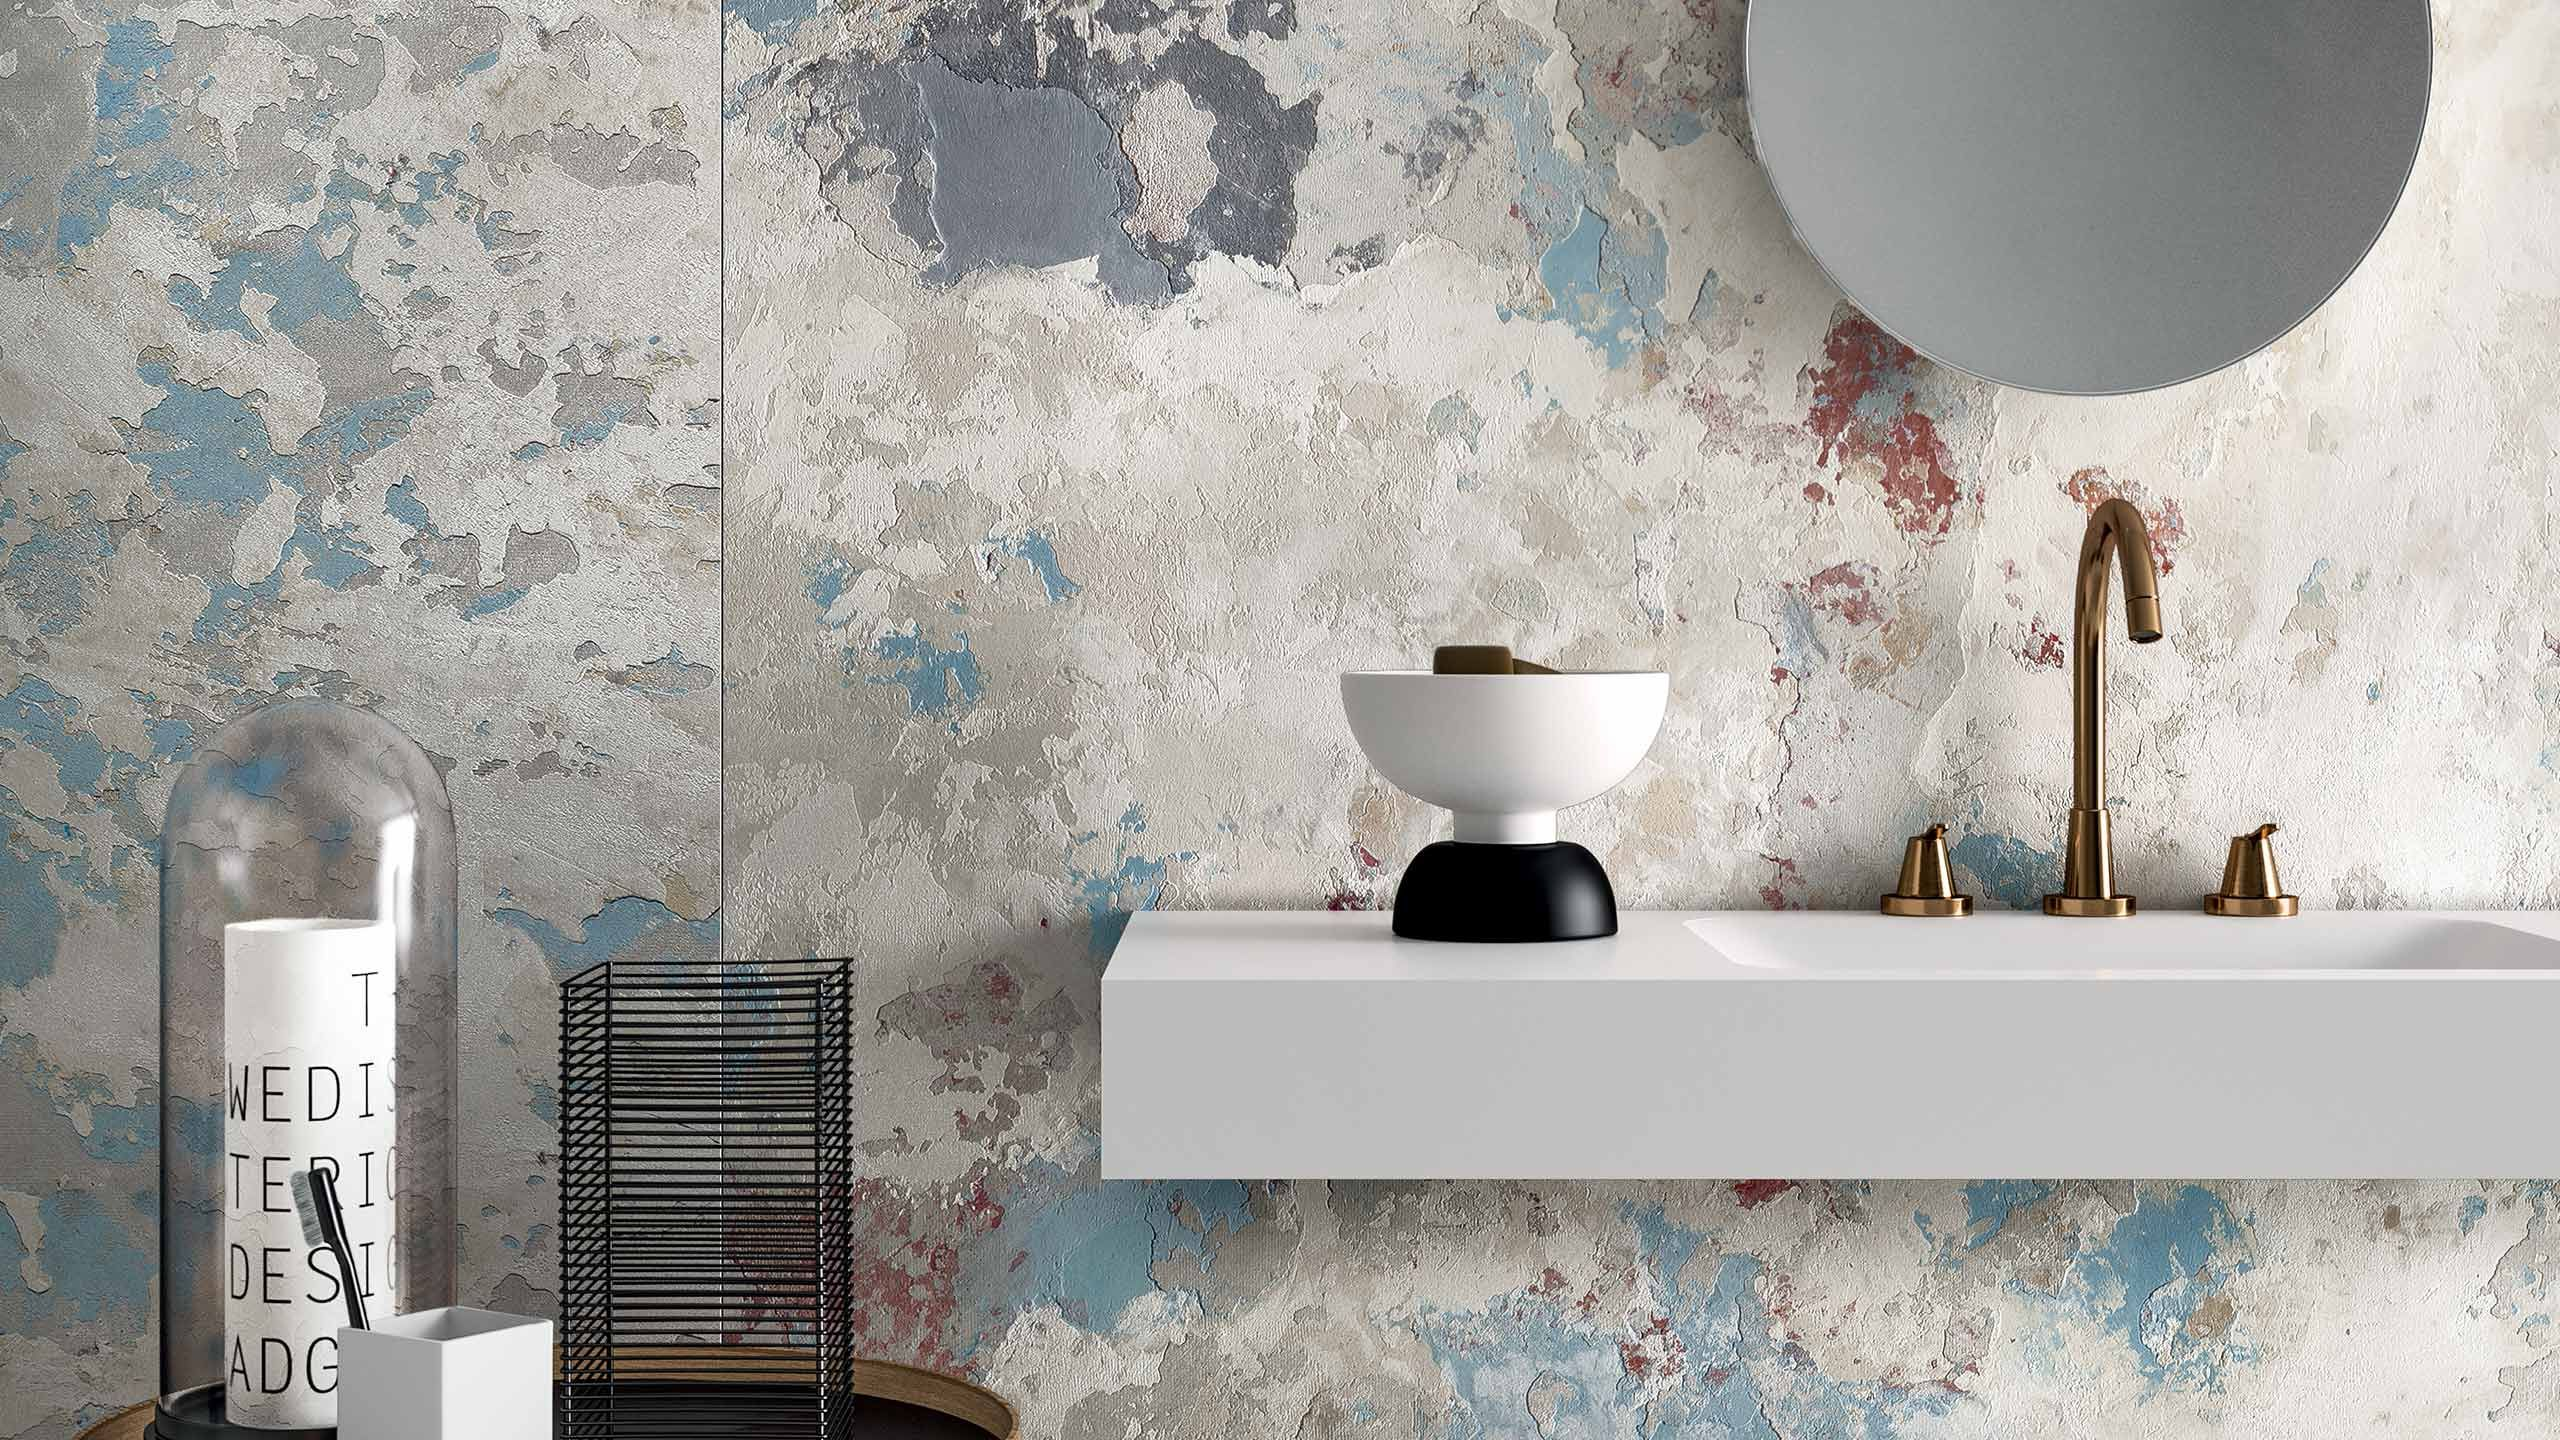 Cedit glaz bud bathroom pinterest bagno ceramica e arte